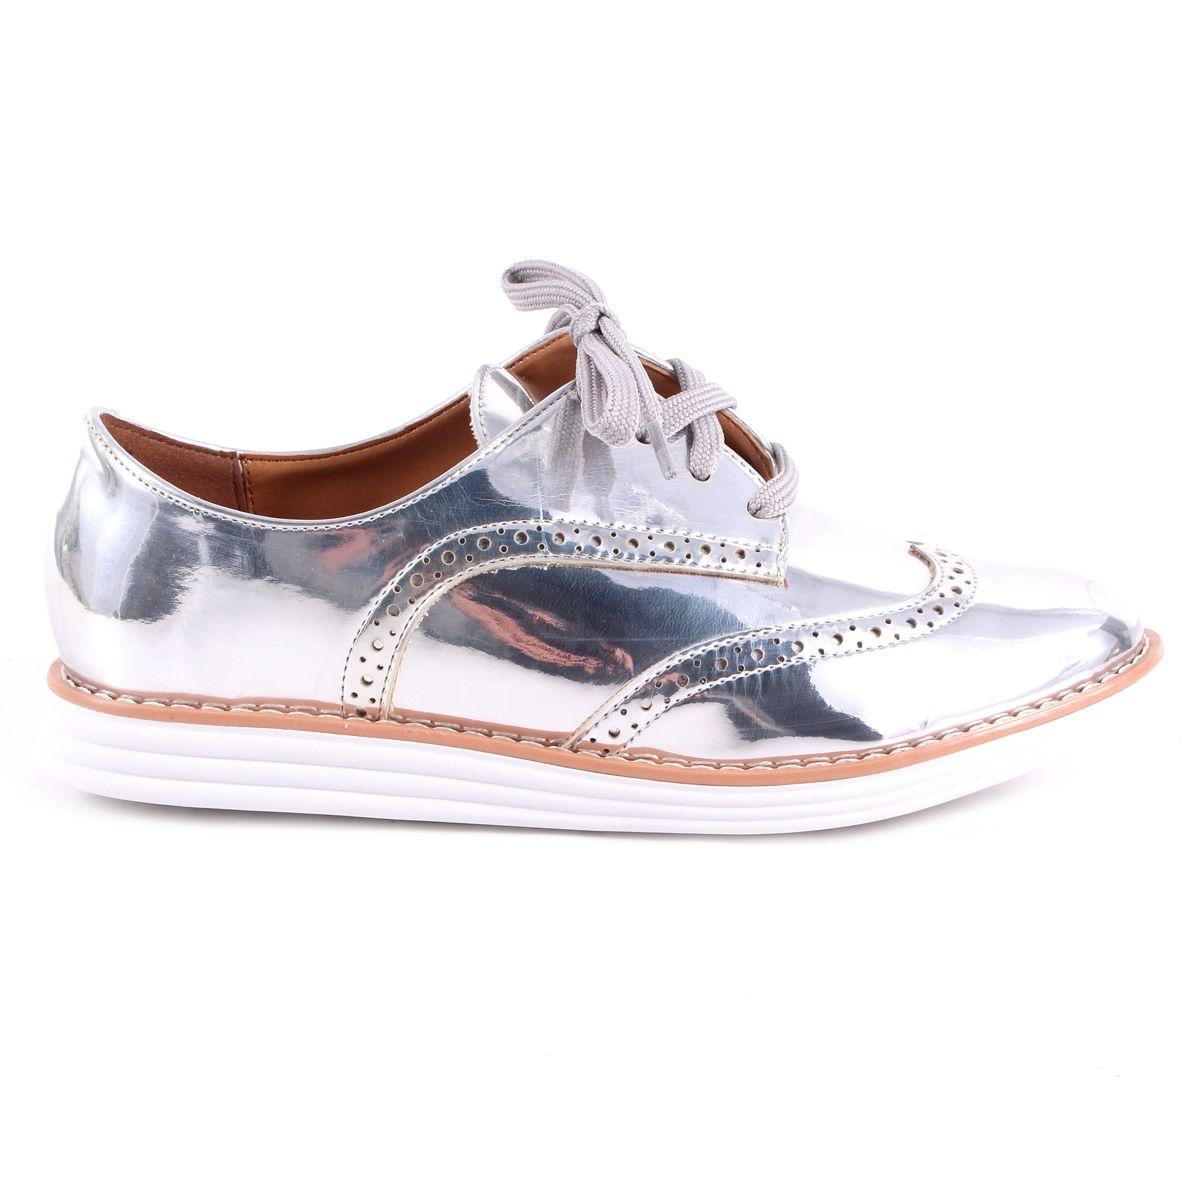 db72462dee Sapato Oxford Vizzano Prata Metalizado